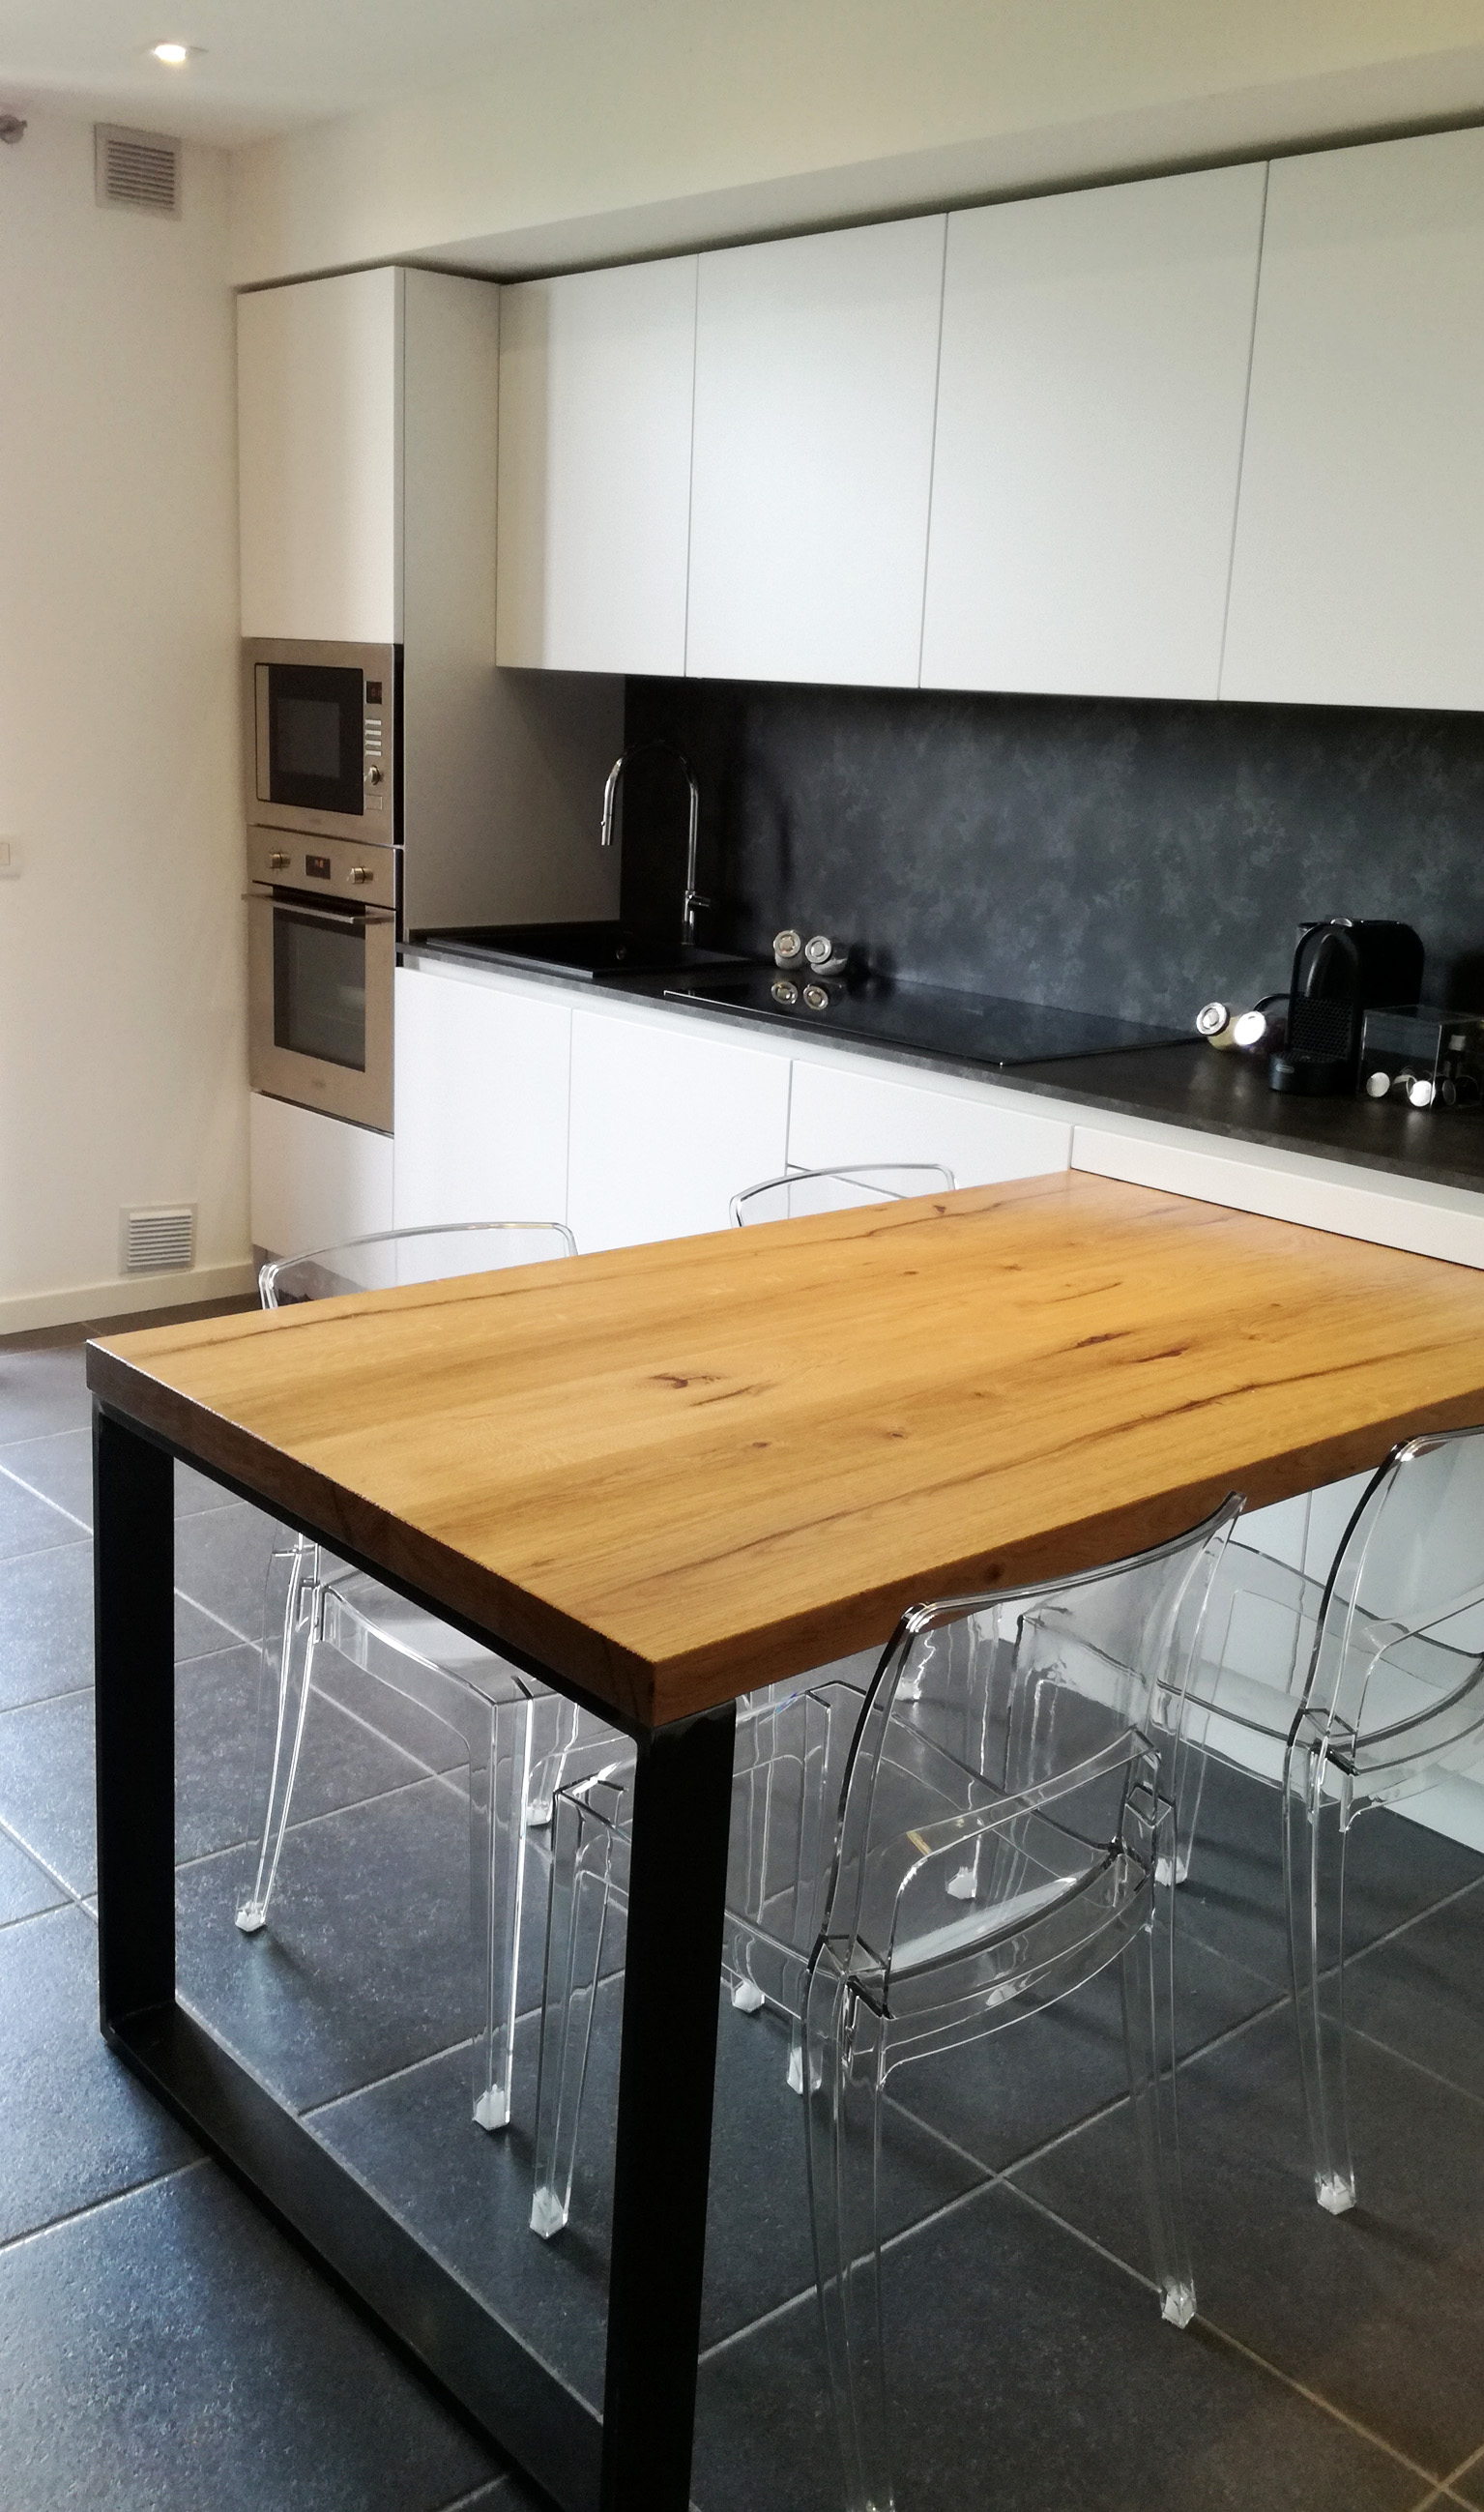 Cucina Bianca in Nicchia con Tavolo Penisola in Rovere Nodato  Arredamenti Barin